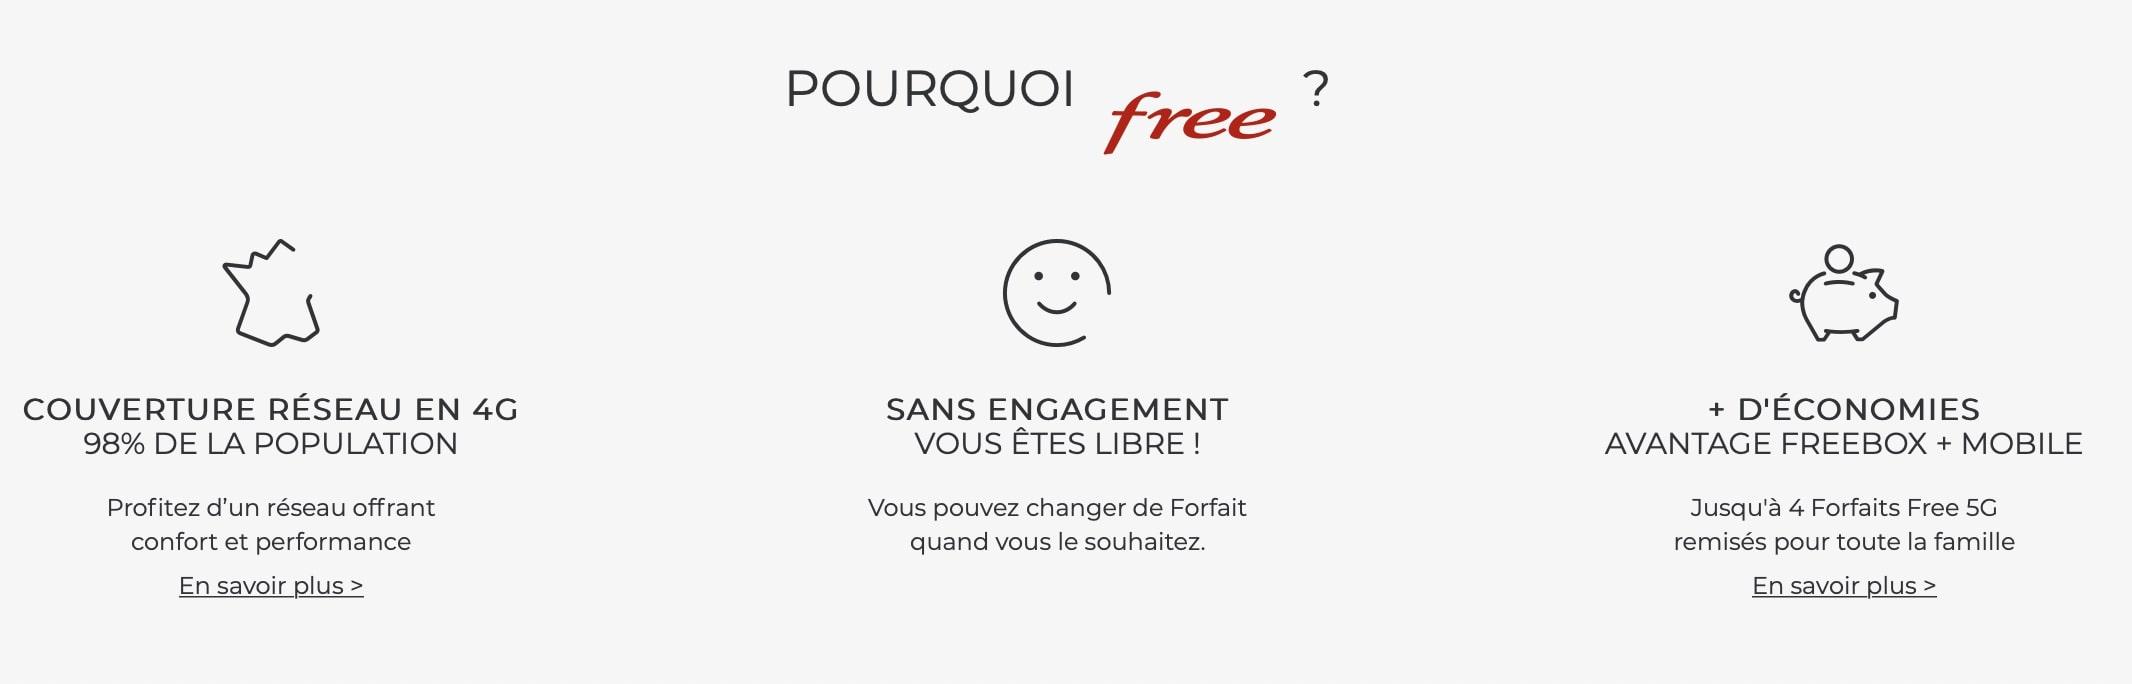 Les avantages d'un forfait mobile pas cher free